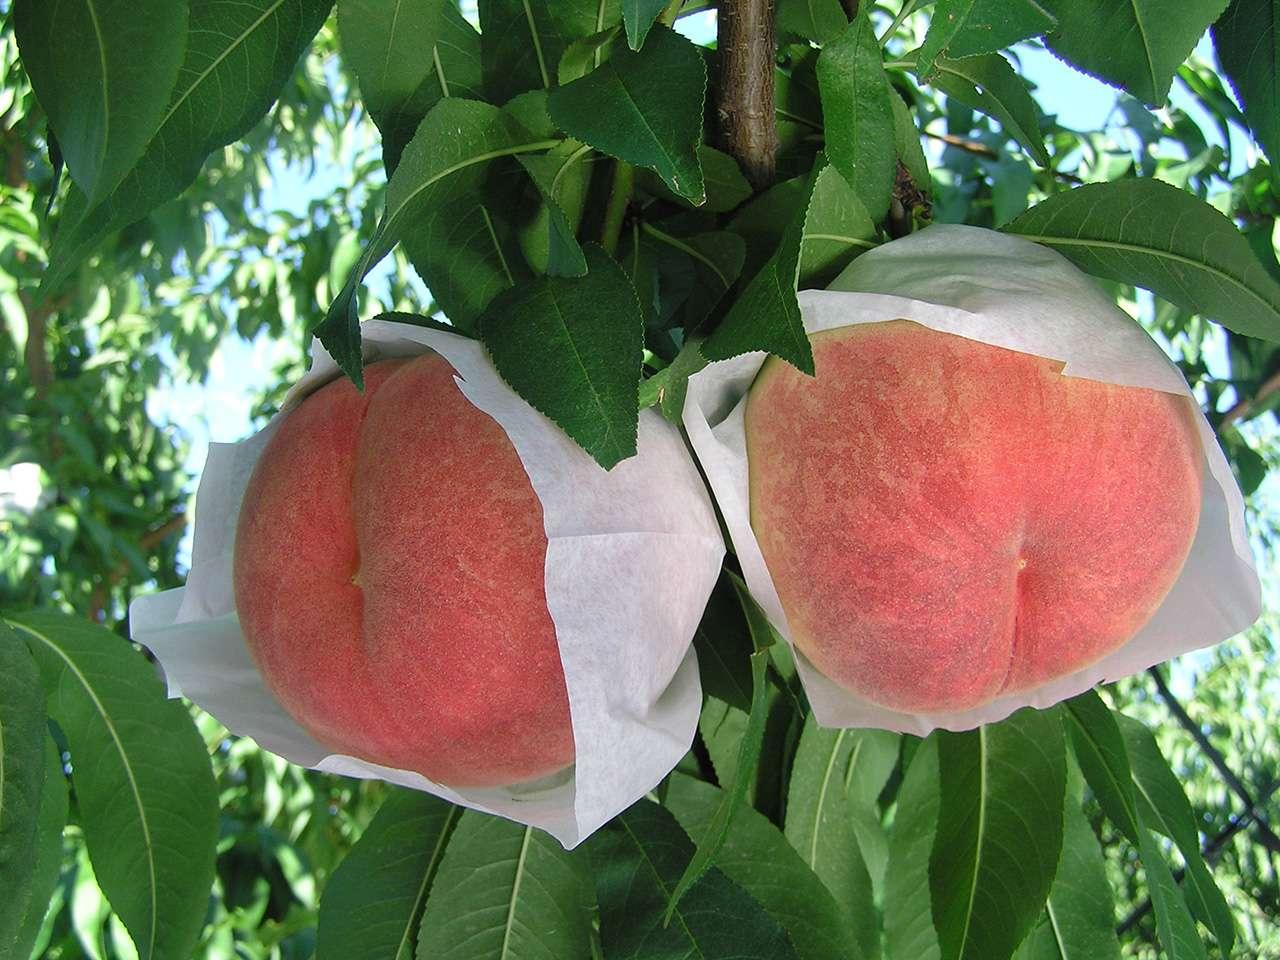 キービジュアル画像:寒河江市・芳賀さんたちの、袋掛けして完熟収穫した桃